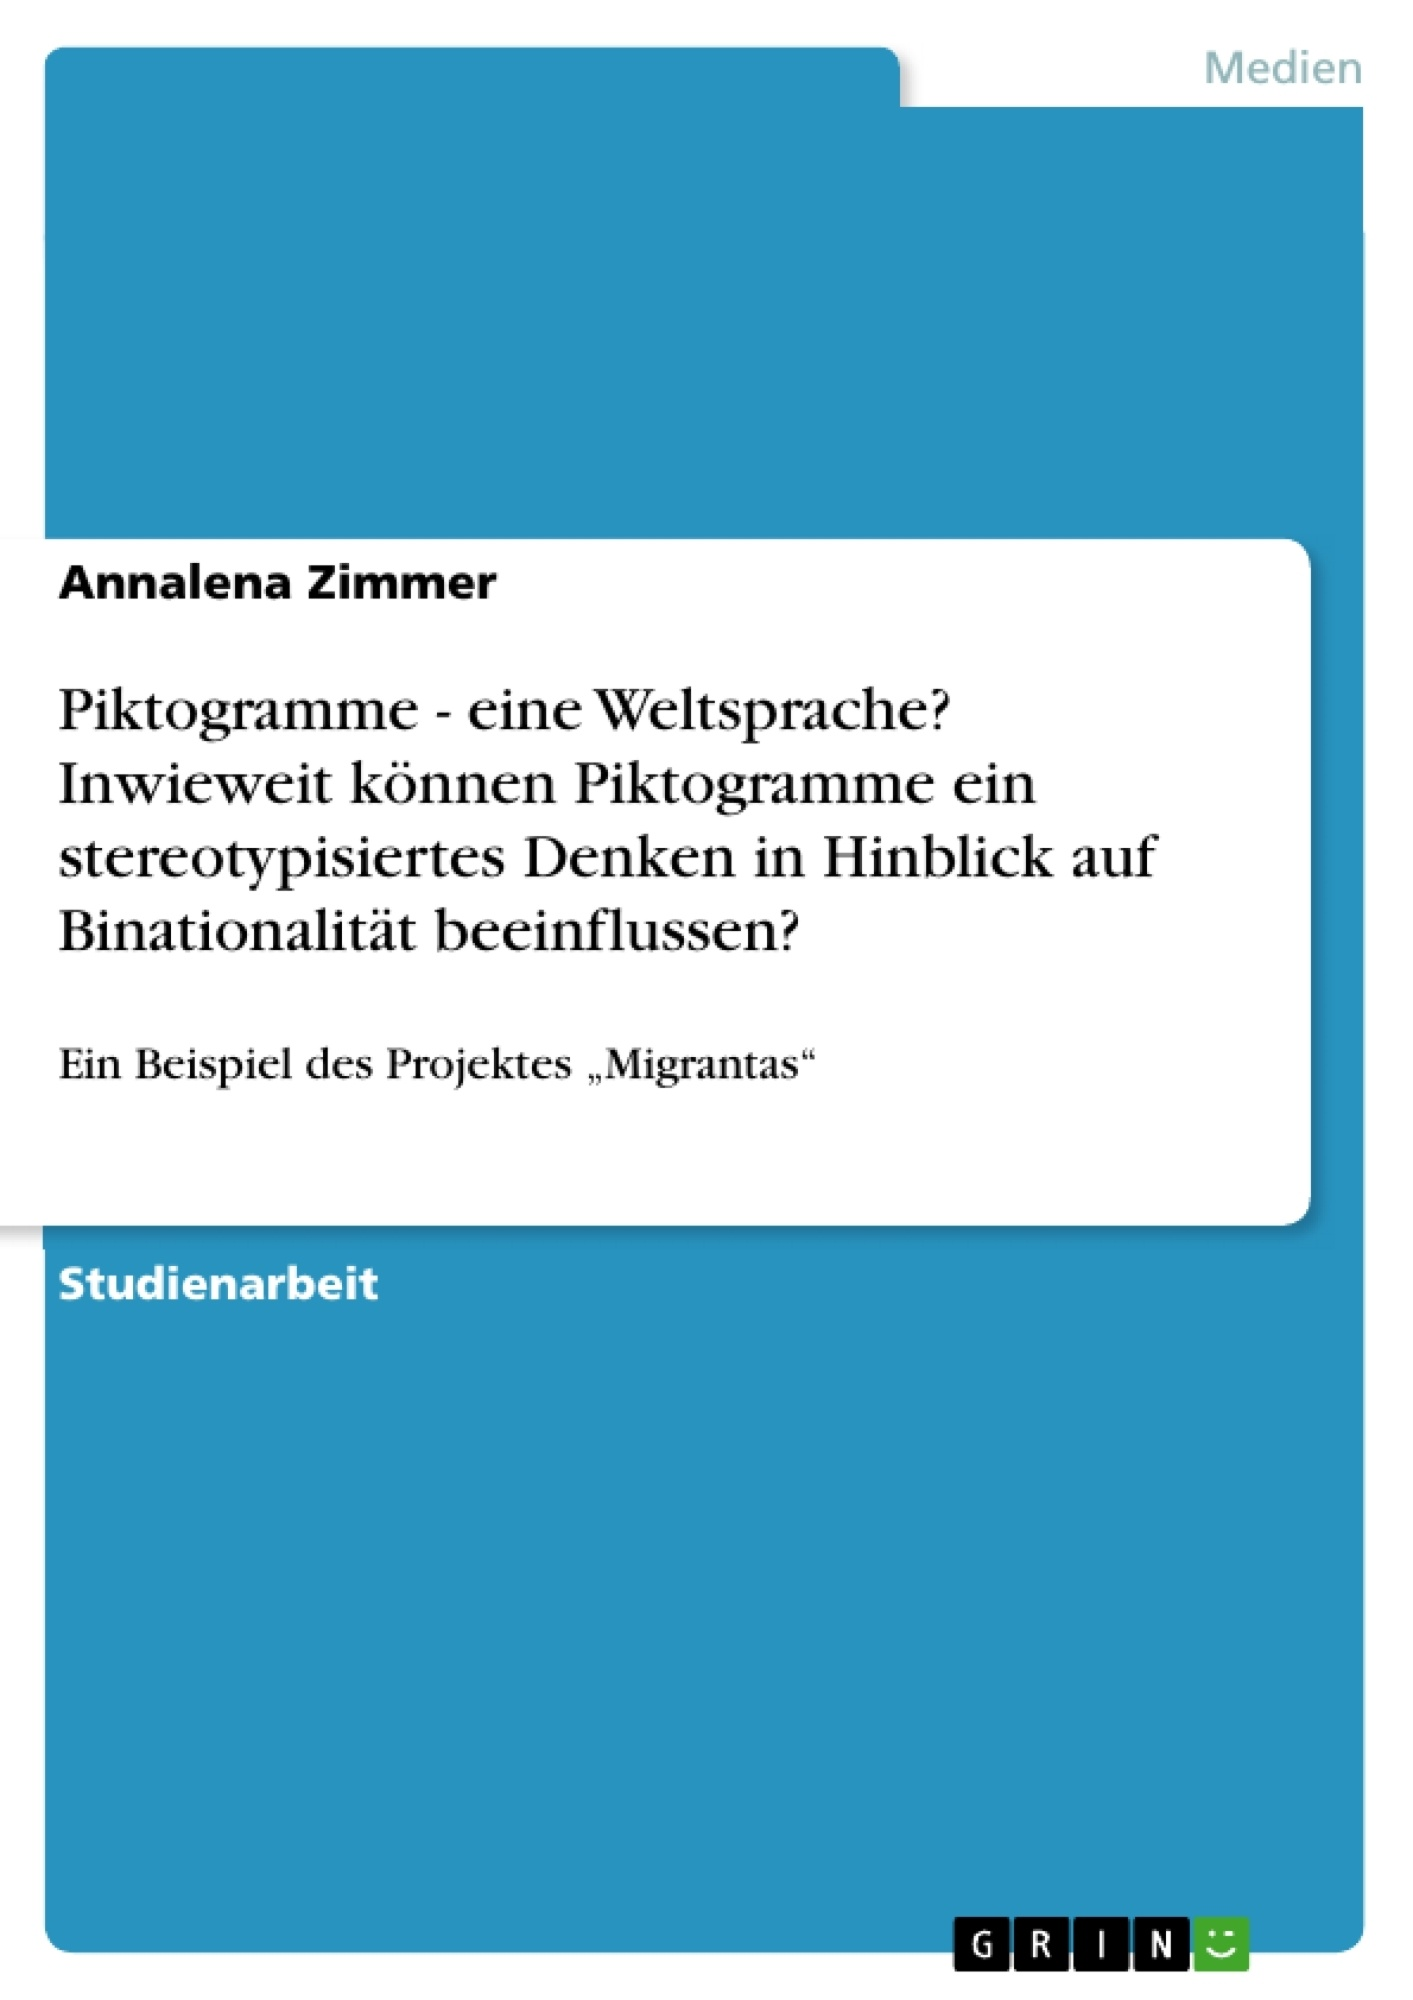 Titel: Piktogramme - eine Weltsprache?  Inwieweit können Piktogramme ein stereotypisiertes Denken in Hinblick auf Binationalität beeinflussen?